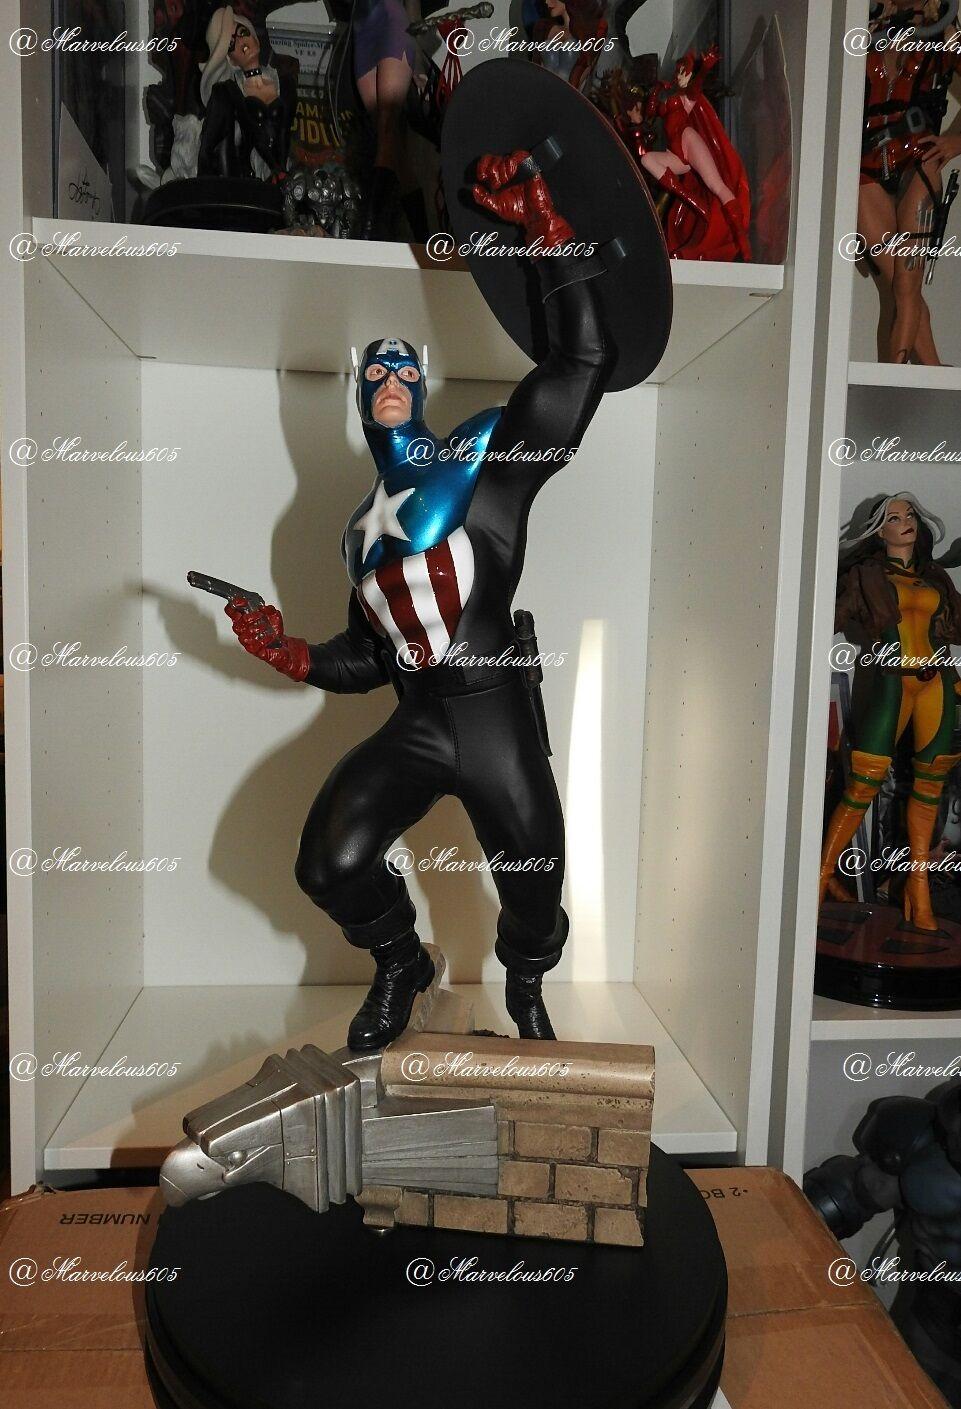 estar en gran demanda Premium Format Sideshow Collectibles James Bucky Barnes Barnes Barnes regular de Capitán América  ahorra 50% -75% de descuento